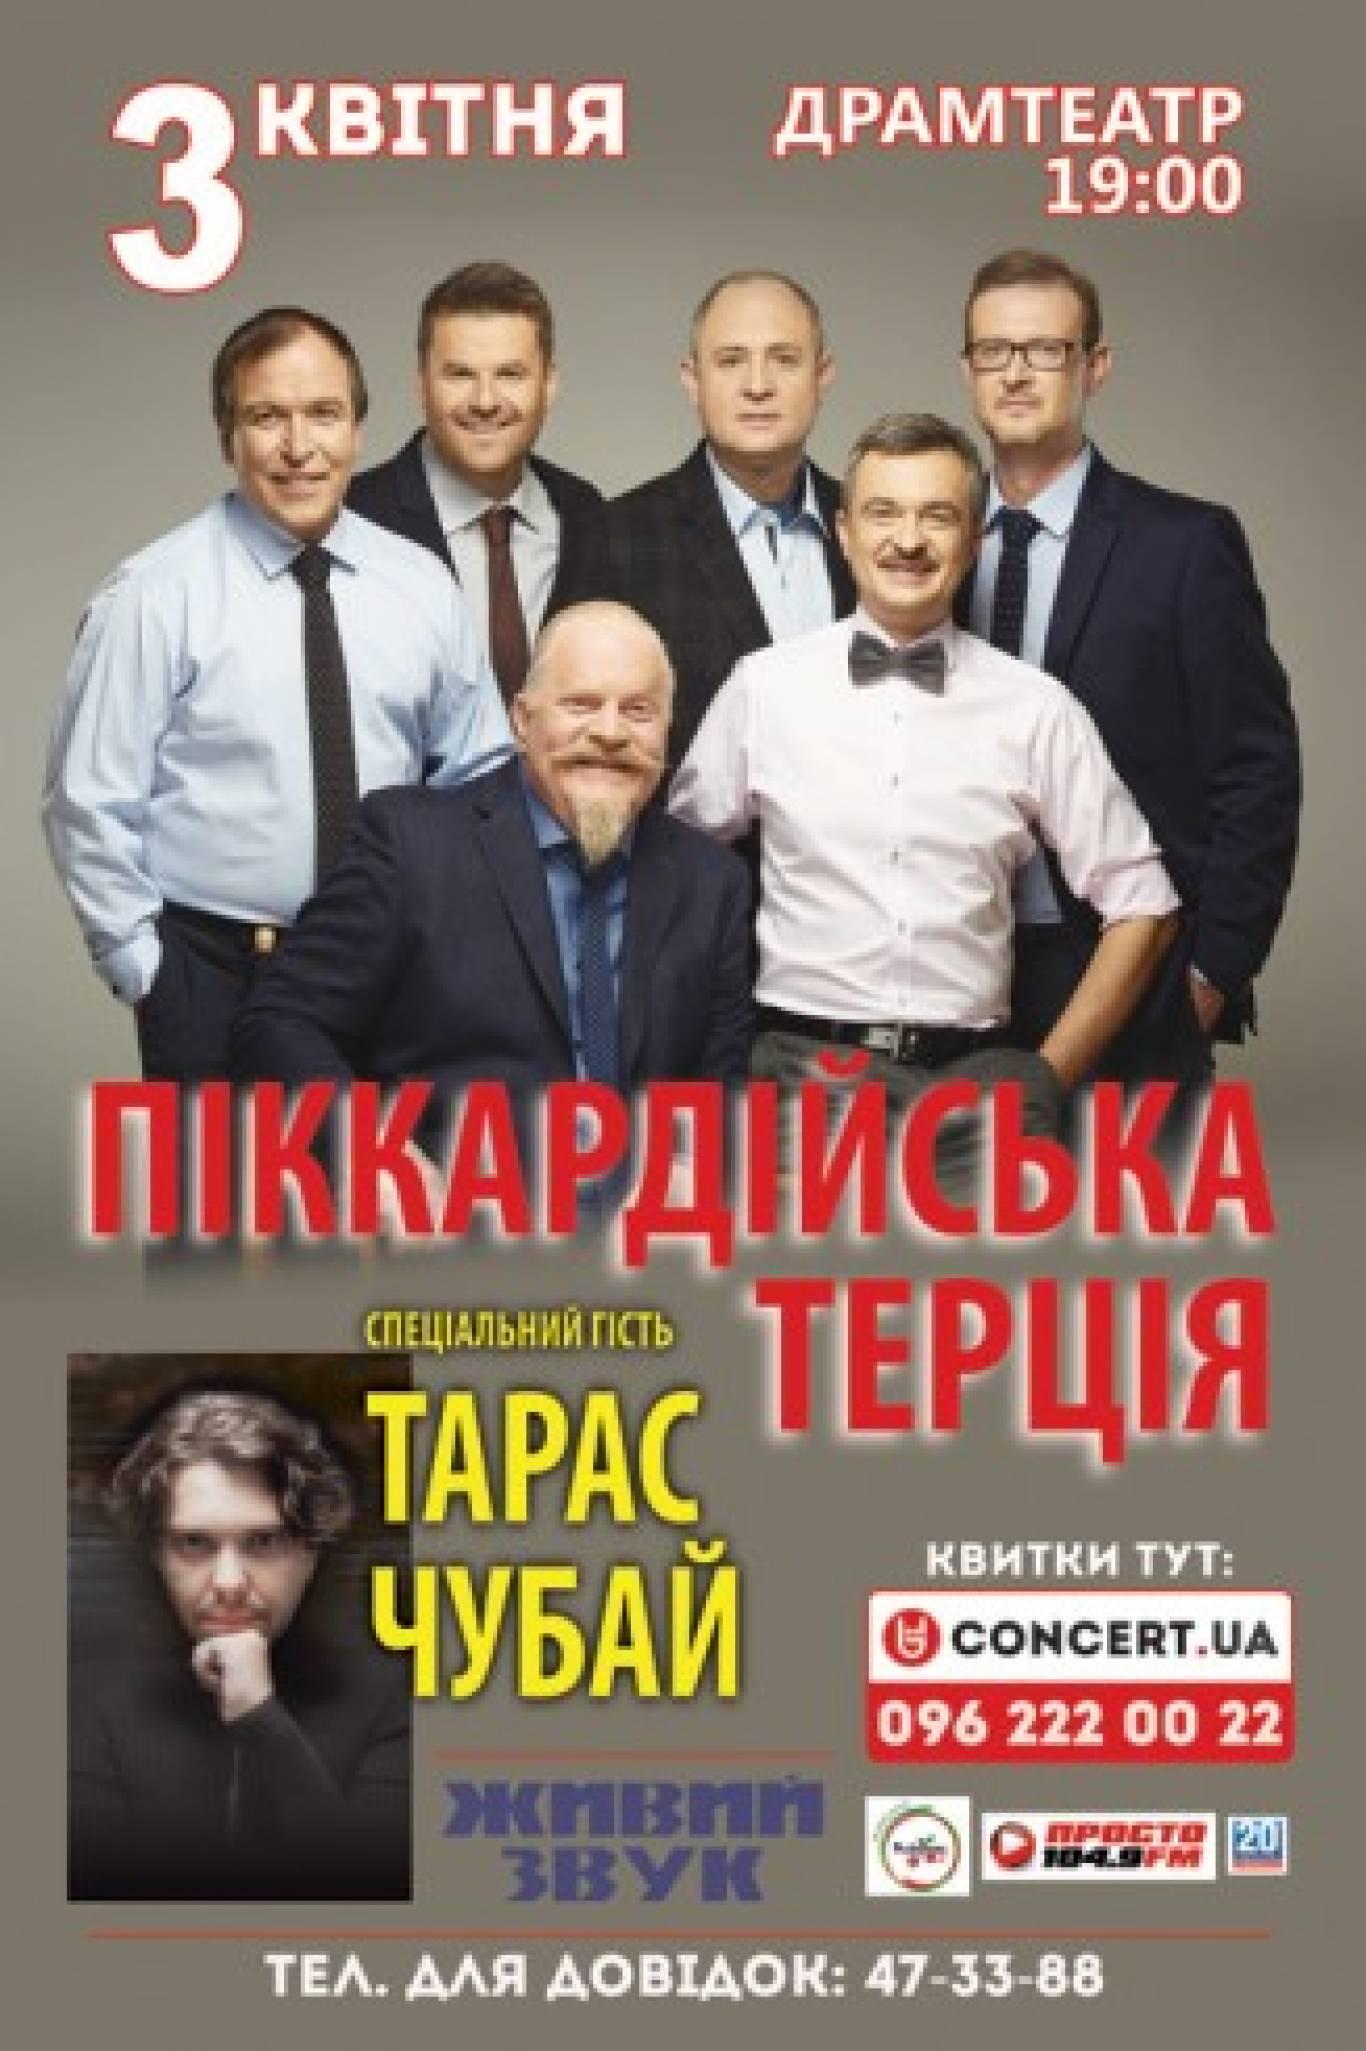 Концертна програма від Тараса Чубая та  Піккардійської терції